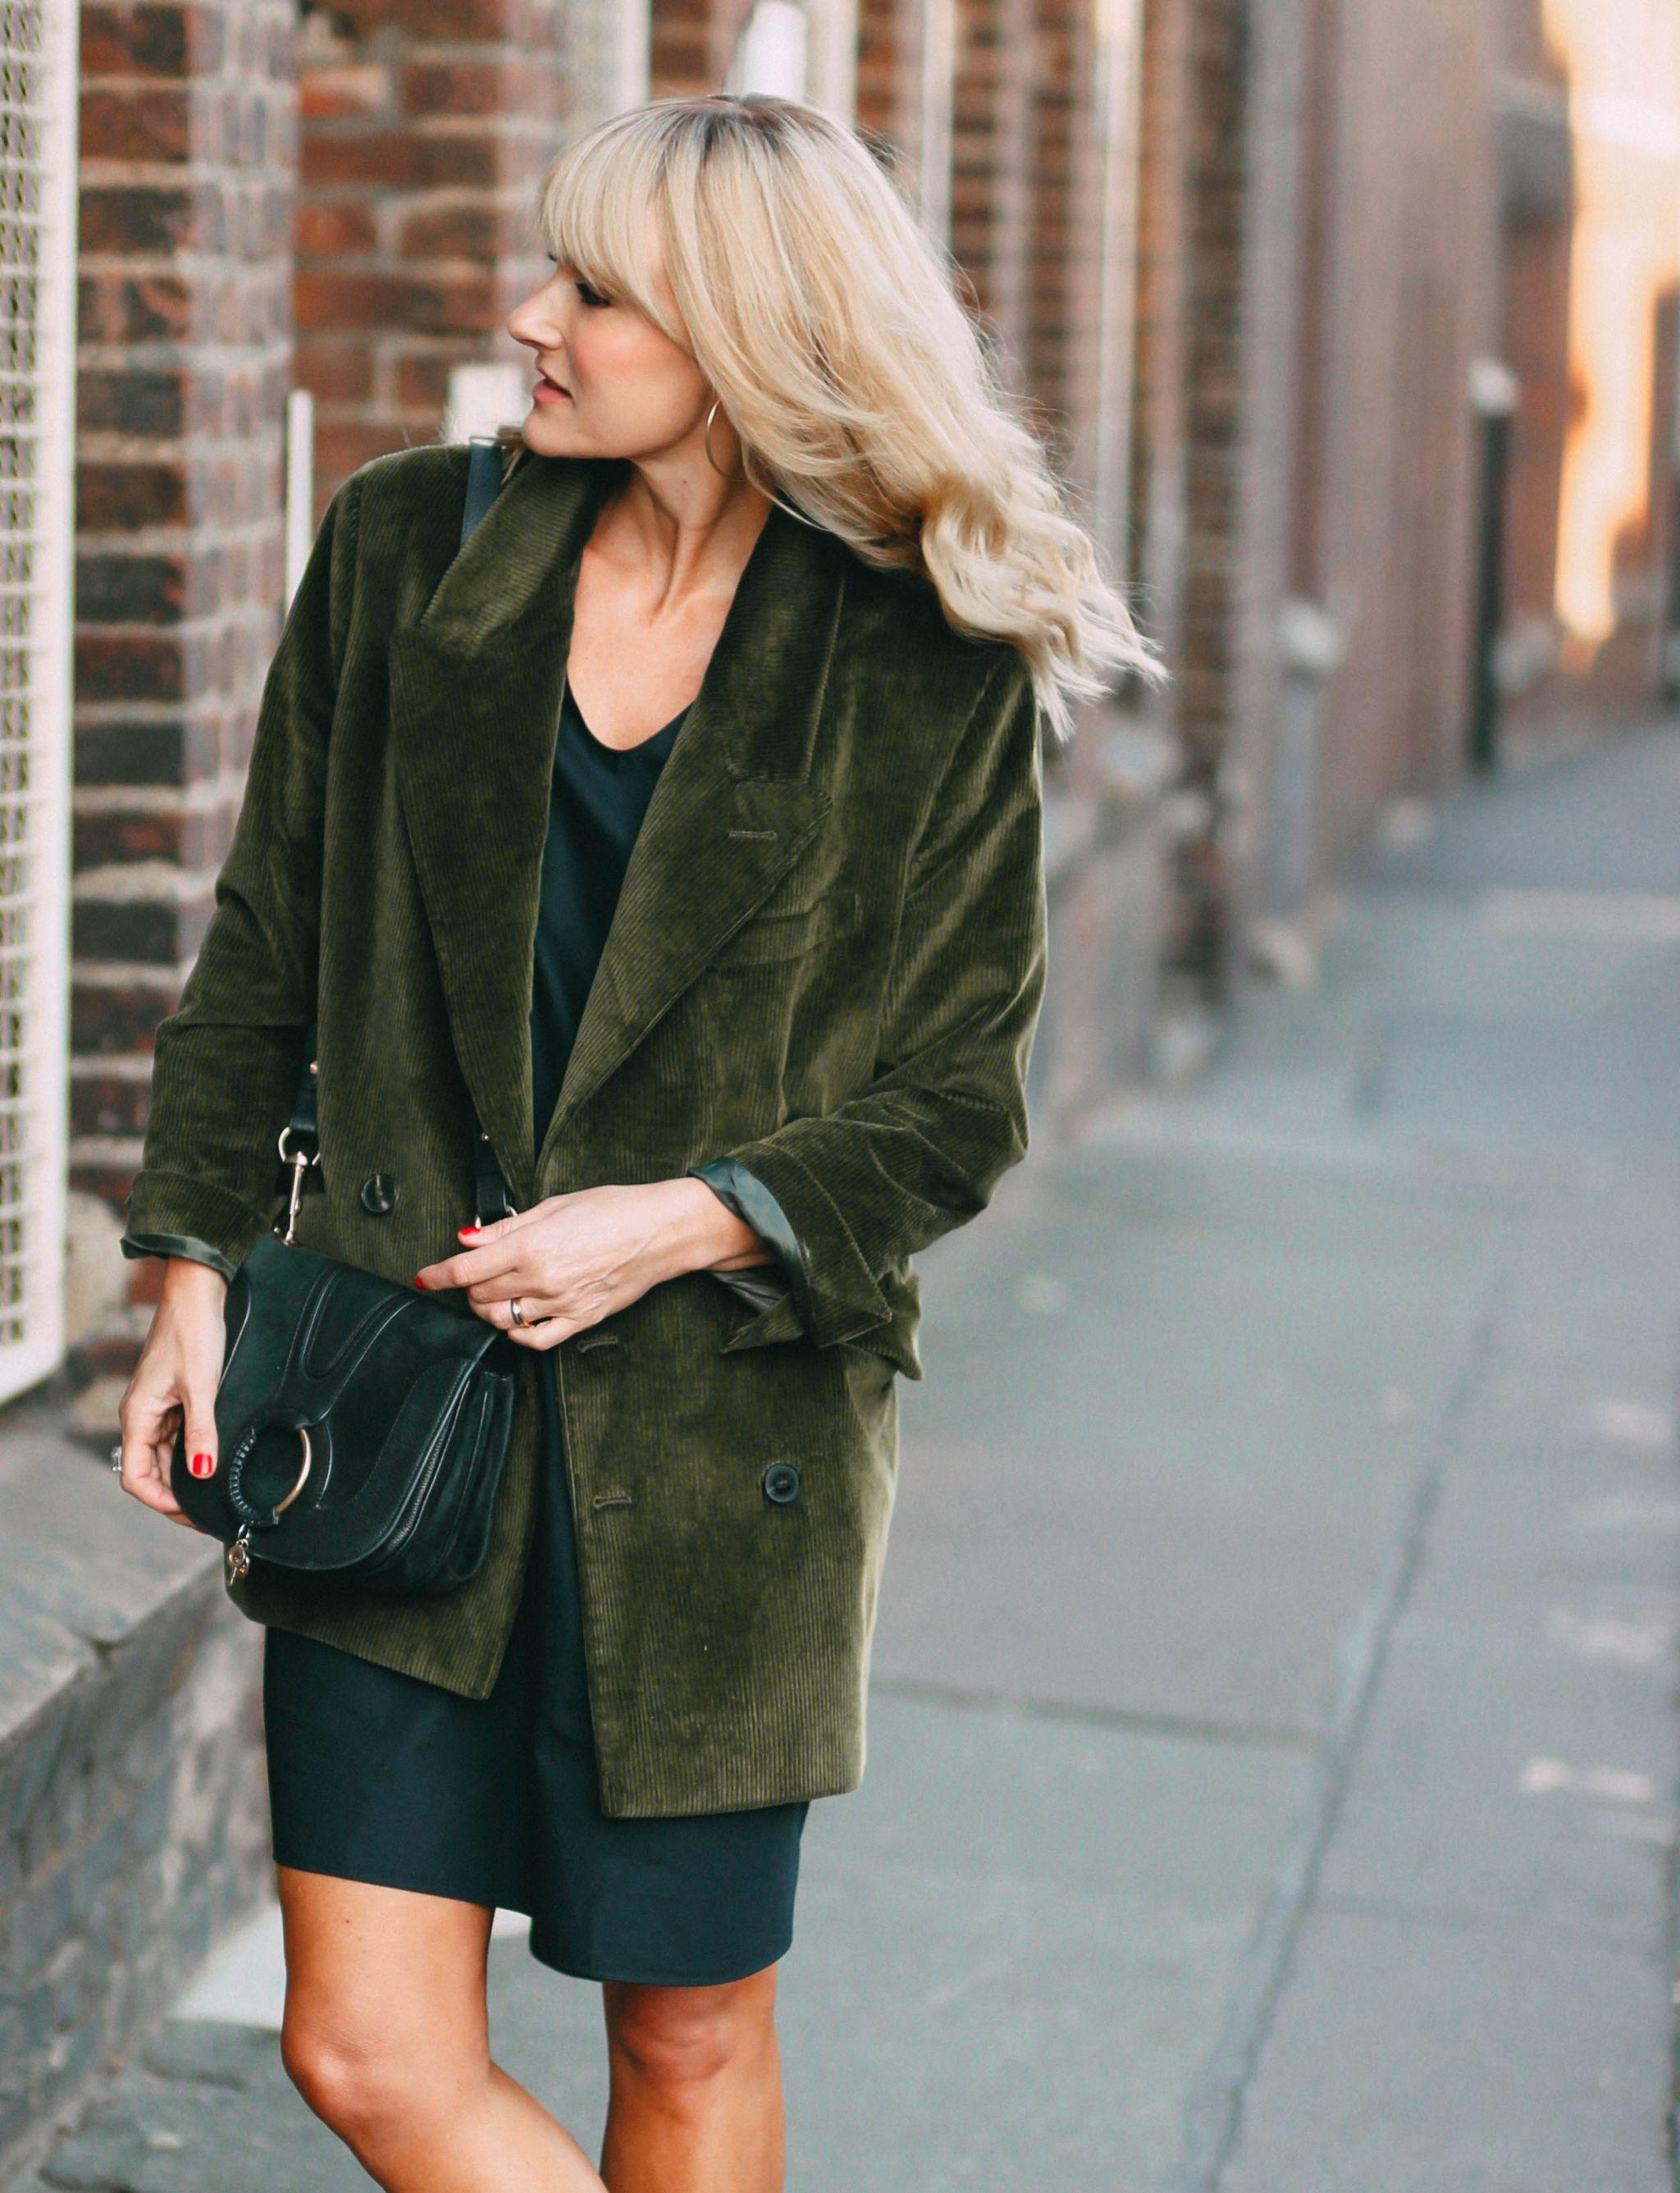 Nowshine ü 40 Modeblog - Herbstoutfit - Cordblazer - Chloe Tasche